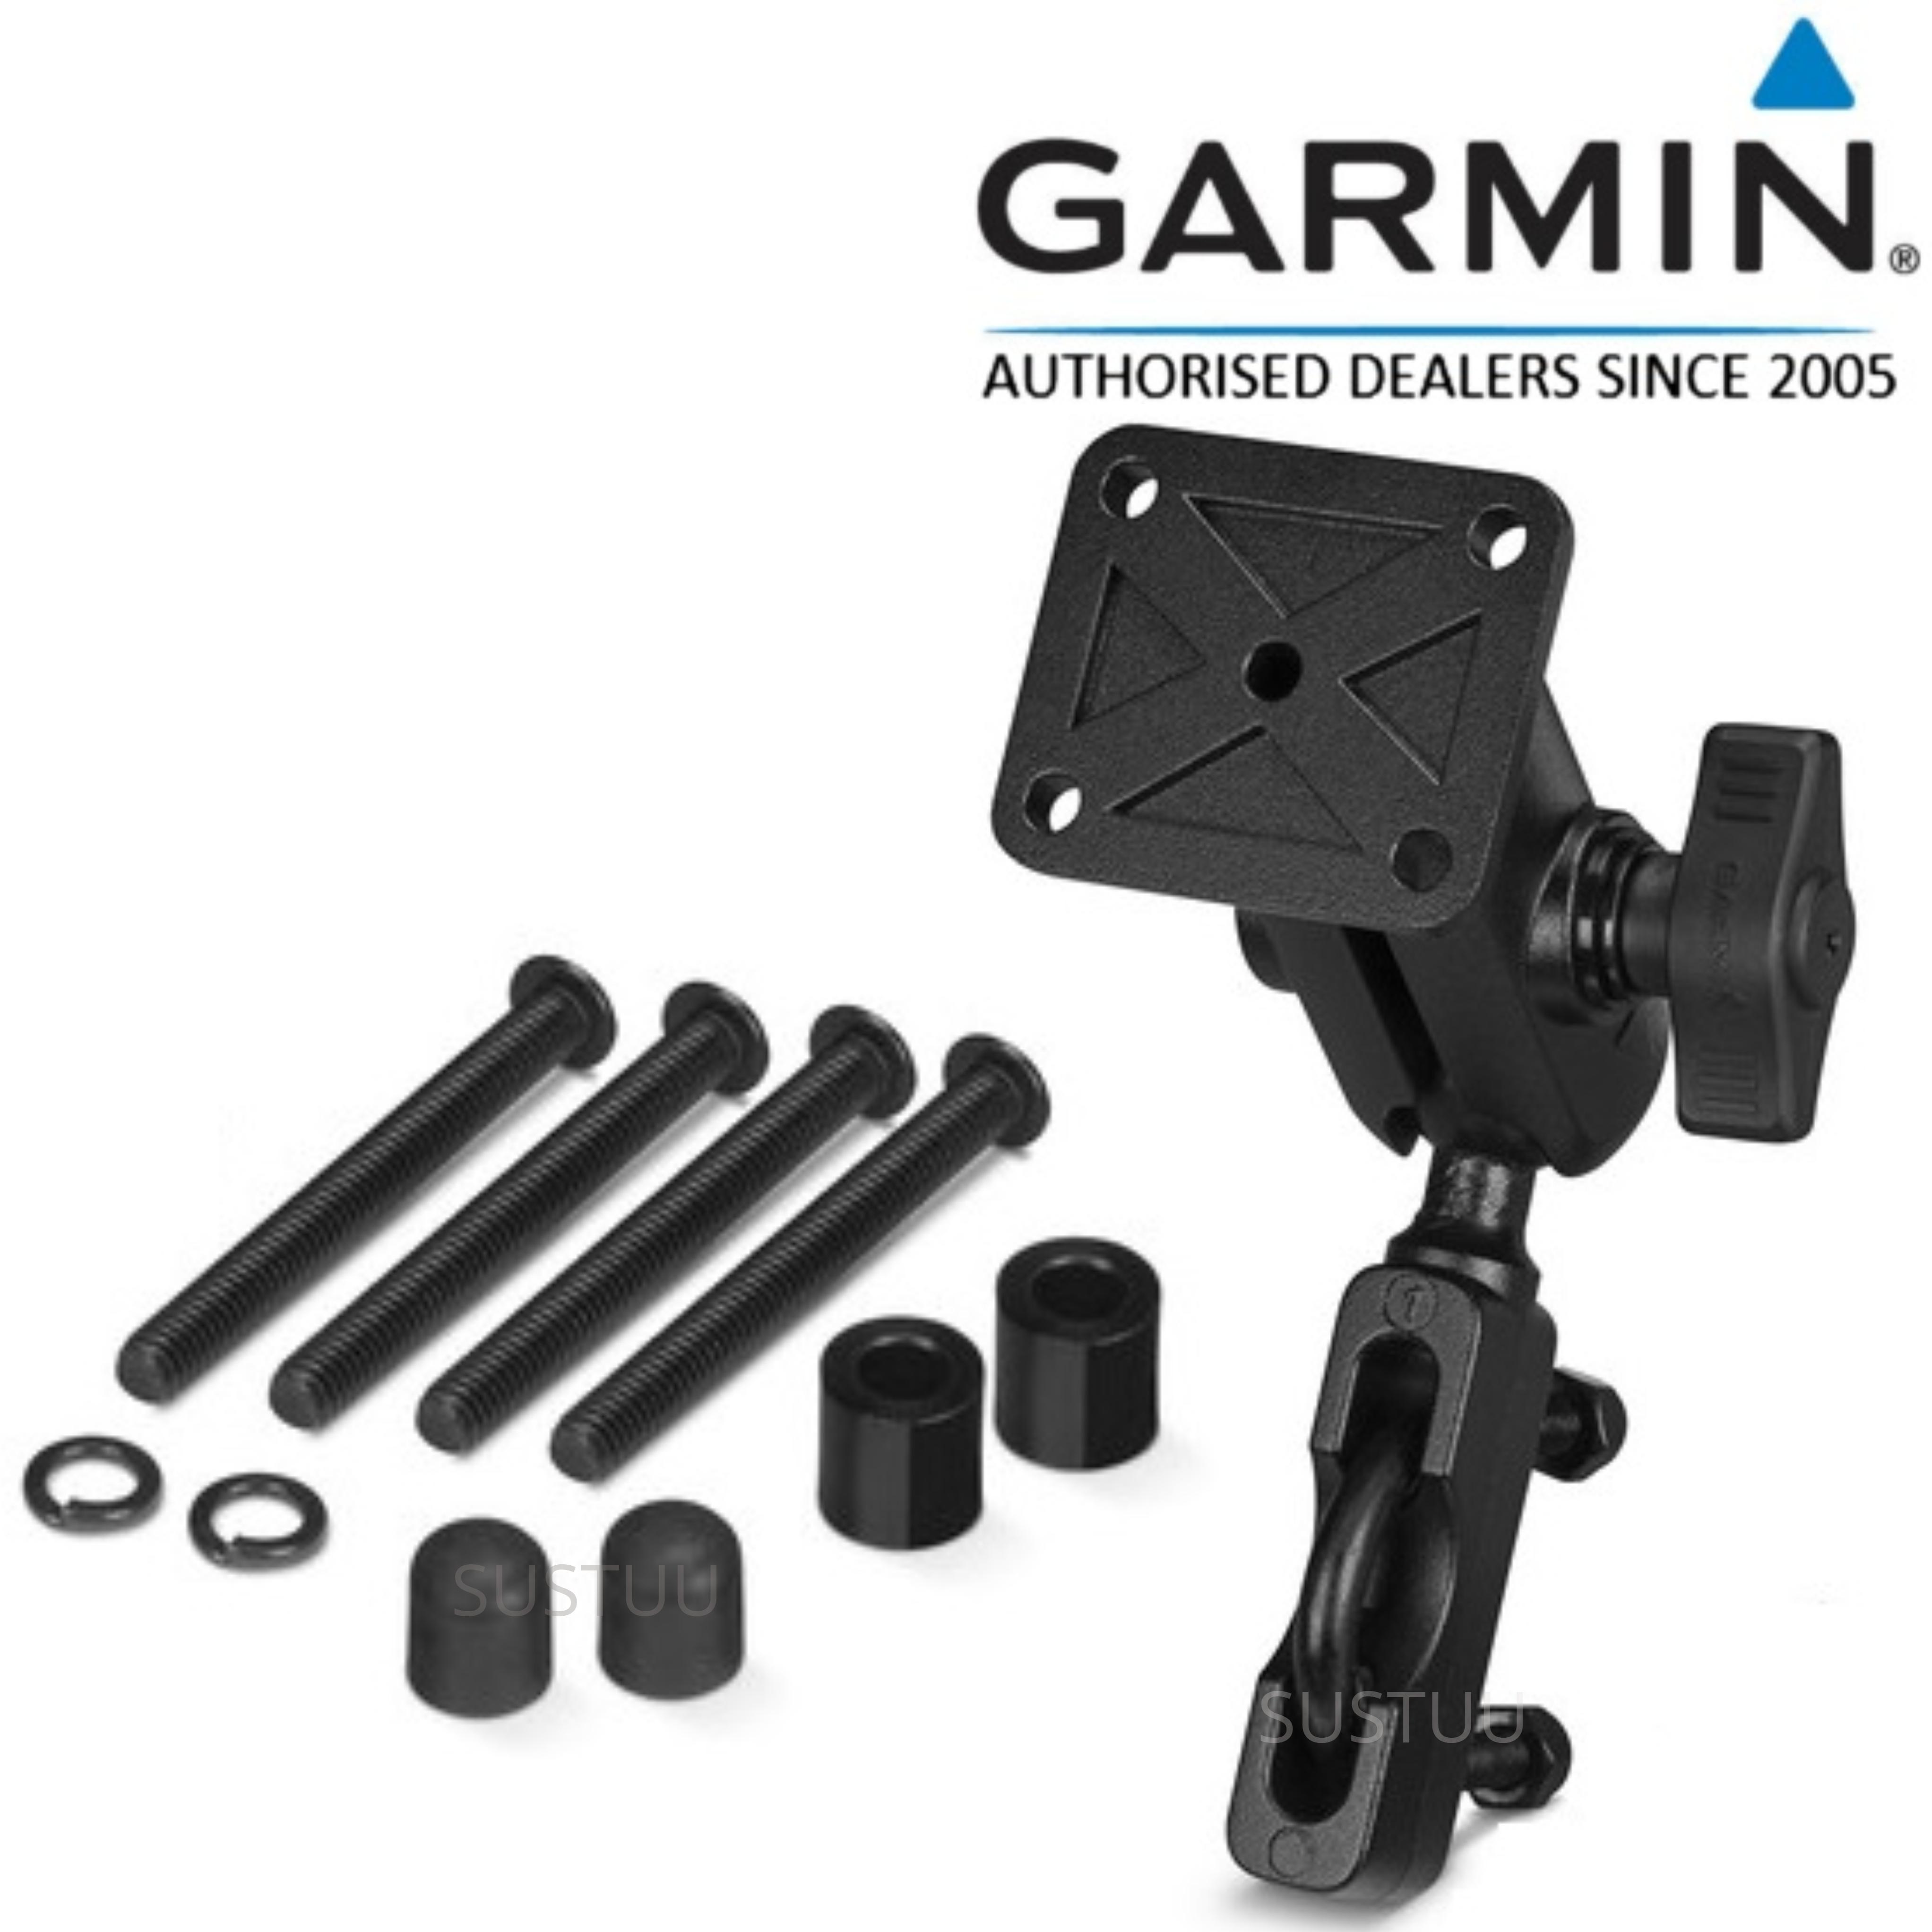 Garmin Motorcycle Handlebar Mount Kit   For GPSMAP276Cx-Montana  610/680/680t   Black